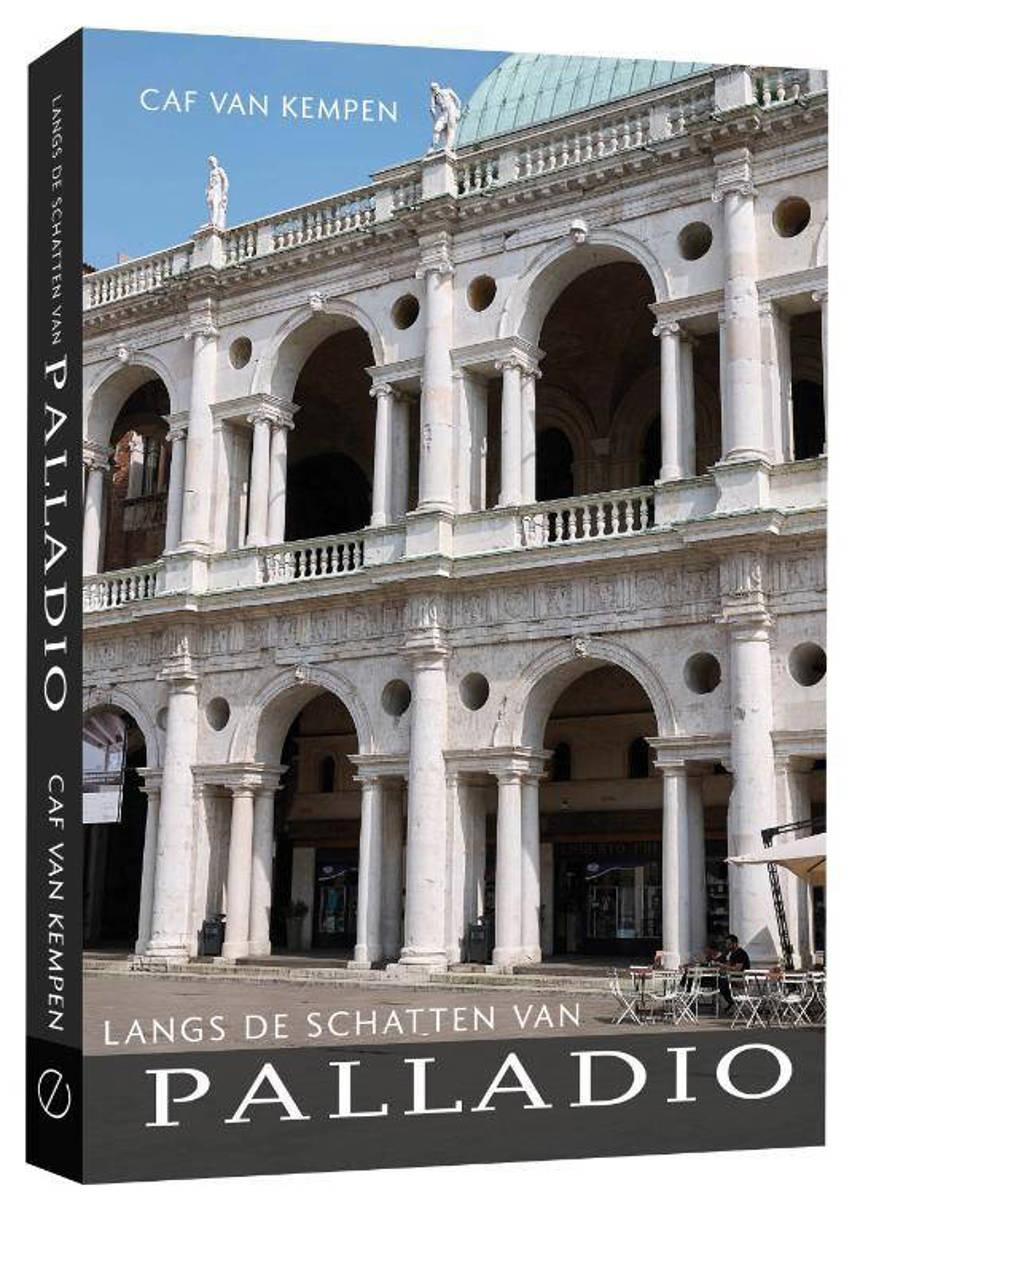 Langs de schatten van Palladio - Caf van Kempen